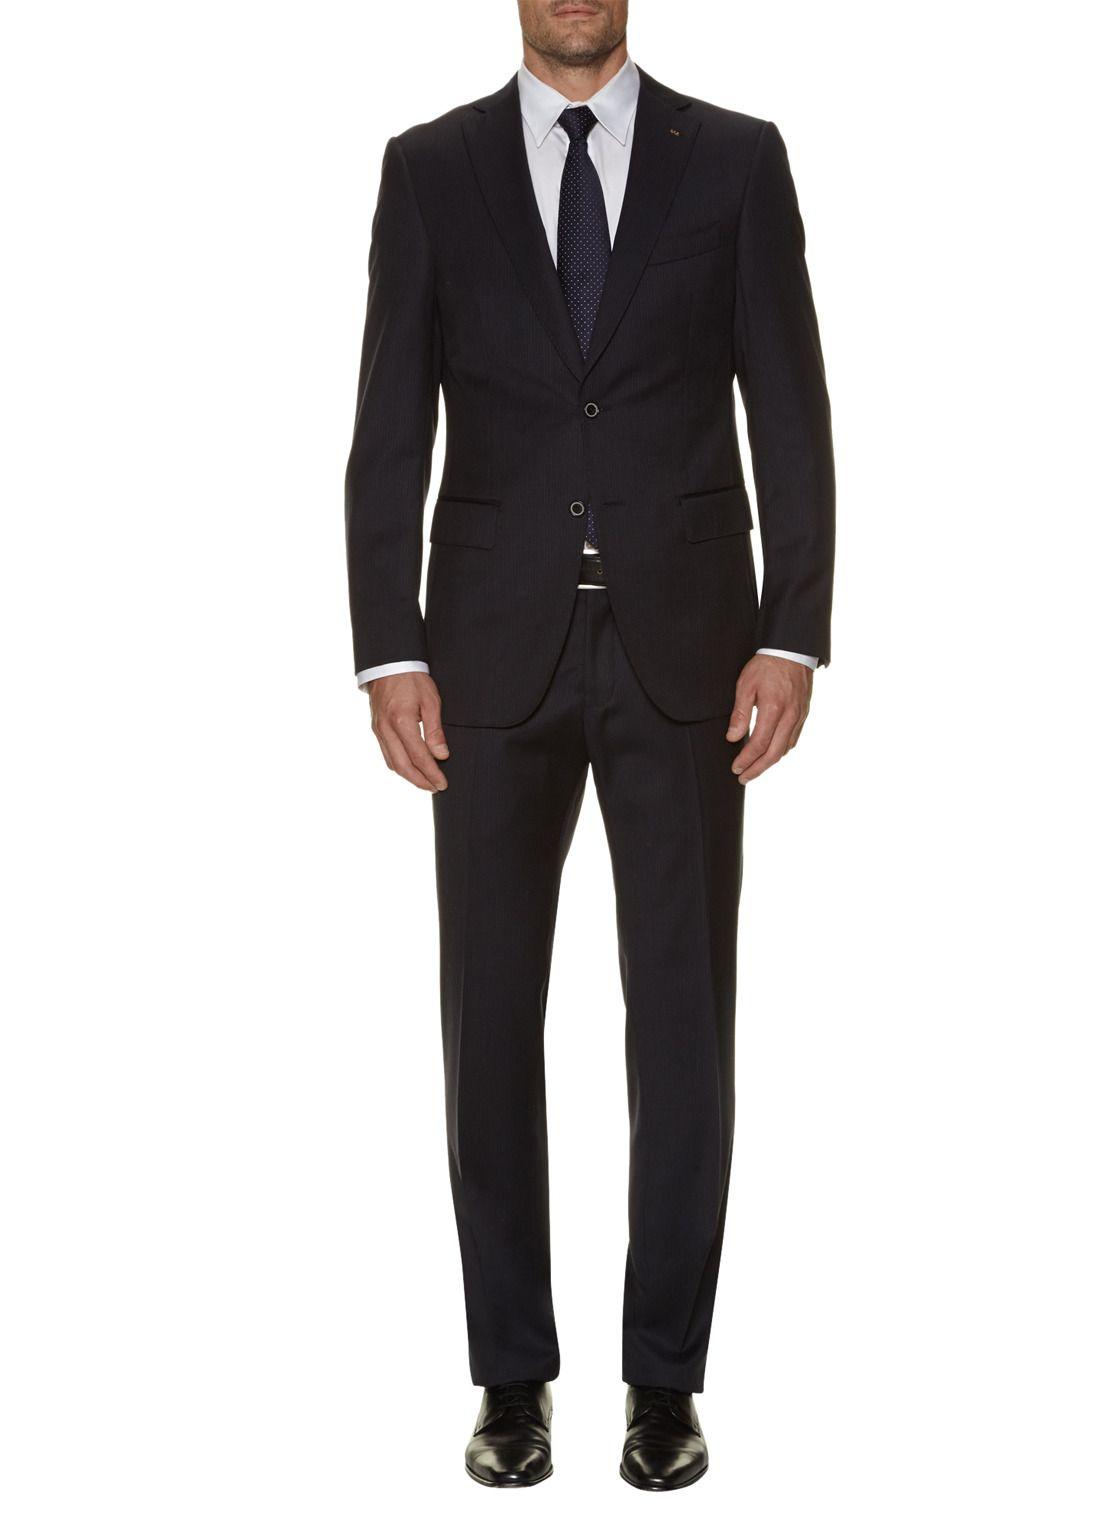 Donkerblauw pak voor heren! Let wel: kostuum is kostuum dus aub het colbert niet optioneel maar VERPLICHT stellen (uniformiteit).